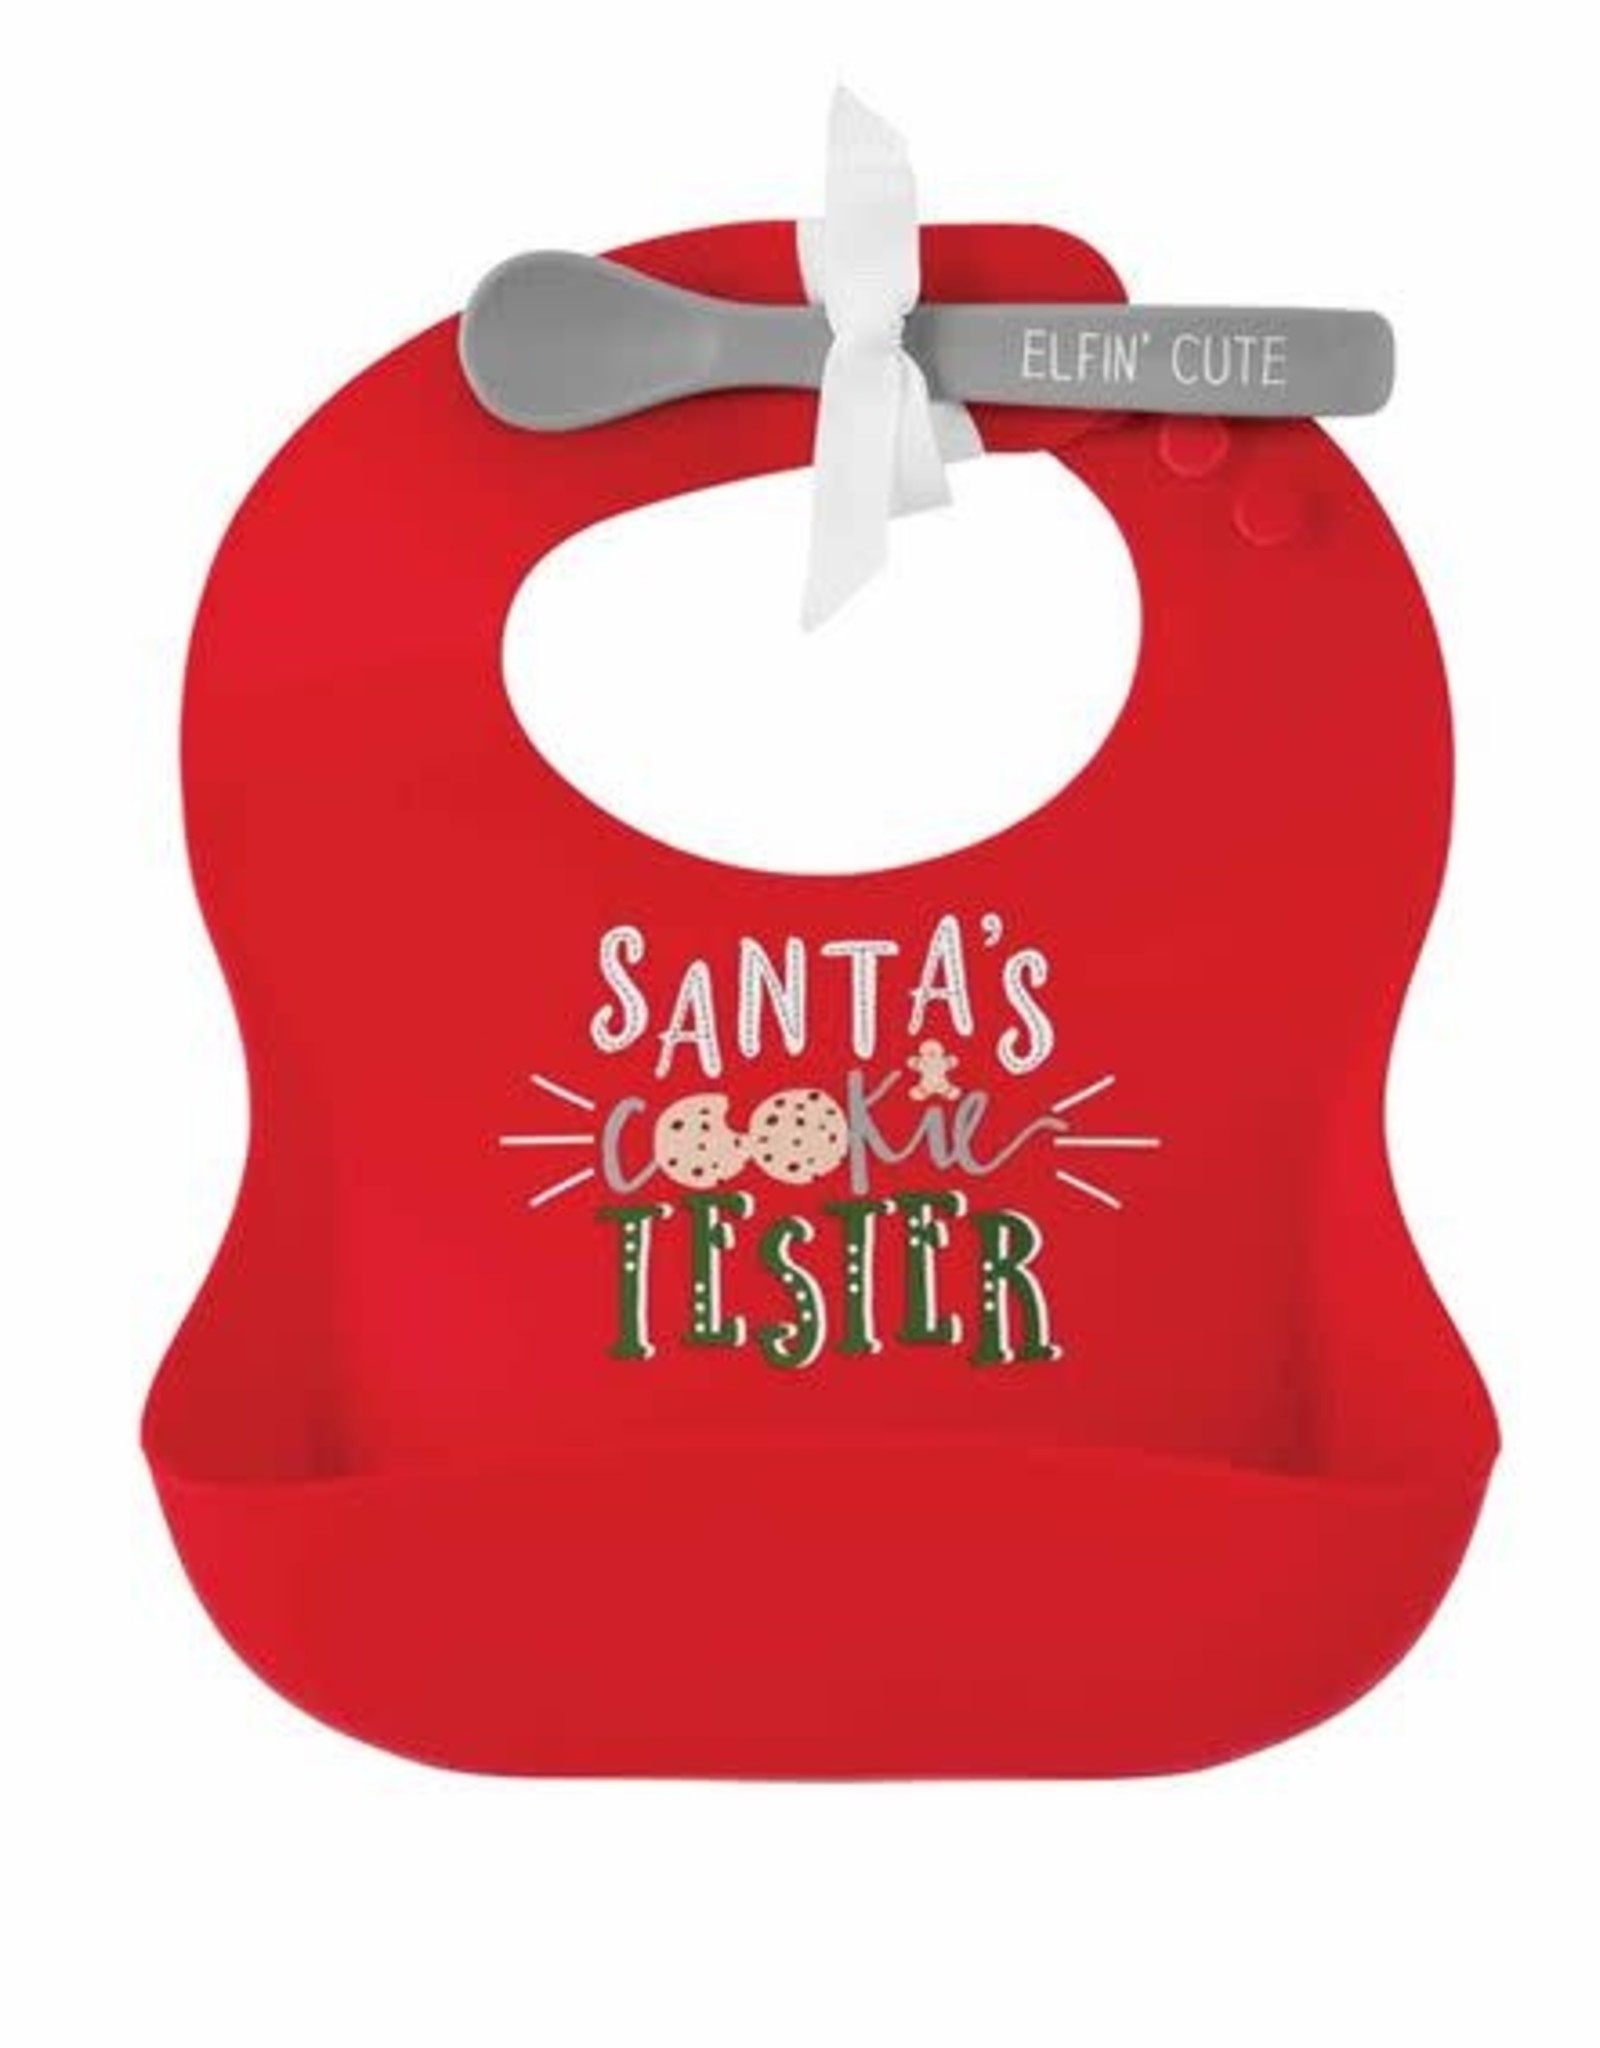 Santa's Cookie Tester Bib